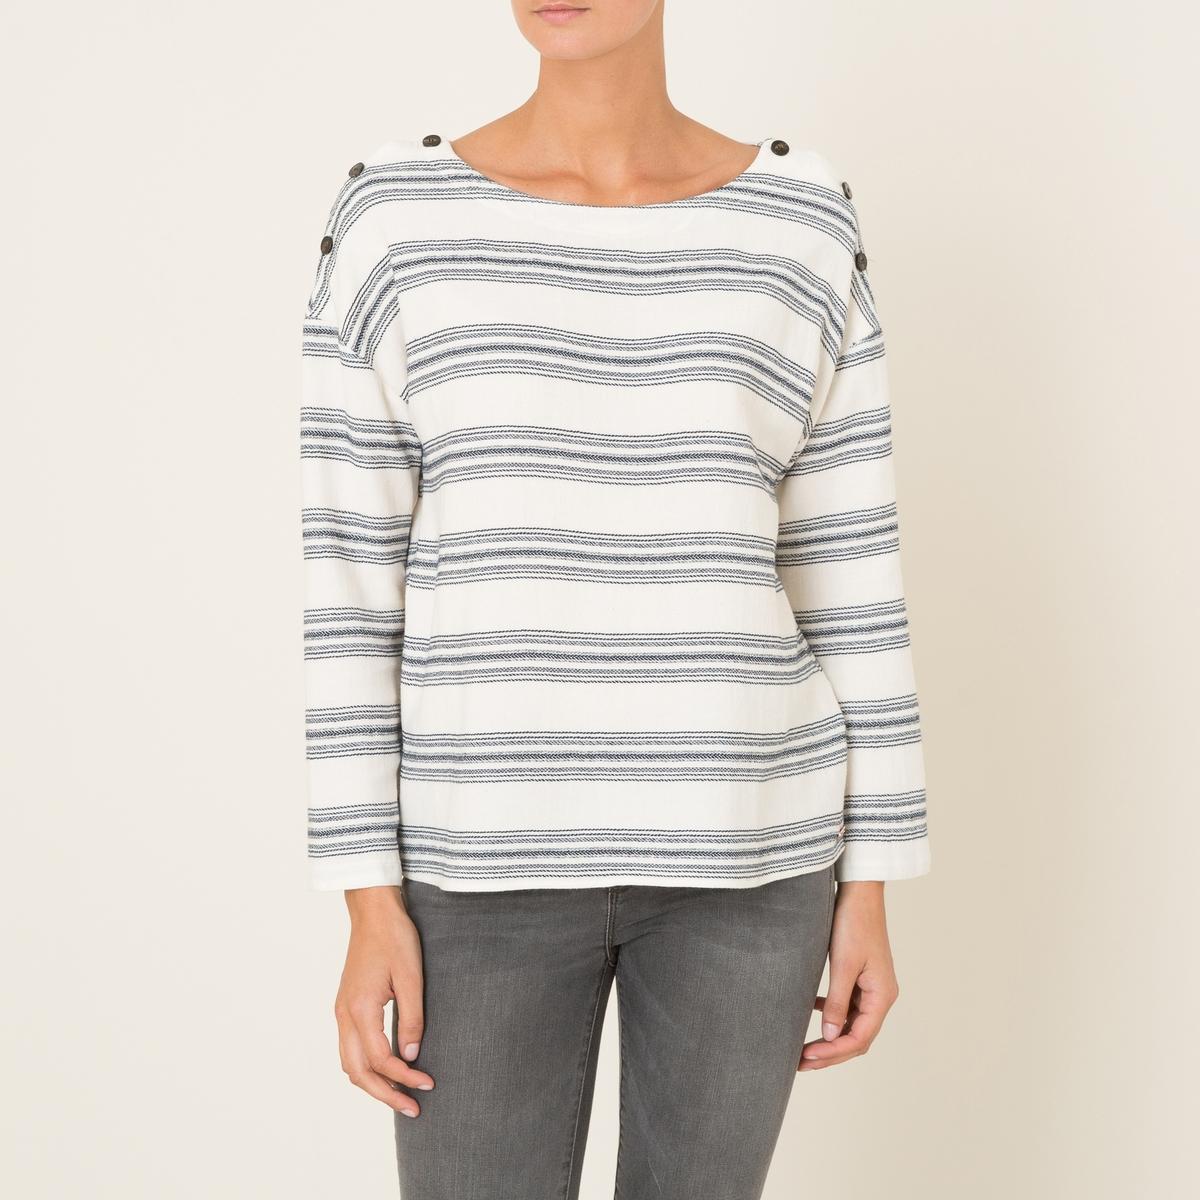 Блузка VERONAБлузка HARRIS WILSON - модель VERONA. Блузка из ткани в полоску из окрашенных нитей . Свободный круглый вырез . Плечики с пуговицами. Длинные рукава. Прямой покрой. Состав &amp; Детали Материал : 52% хлопок, 47% вискоза, 1% люрексМарка : HARRIS WILSON<br><br>Цвет: экрю